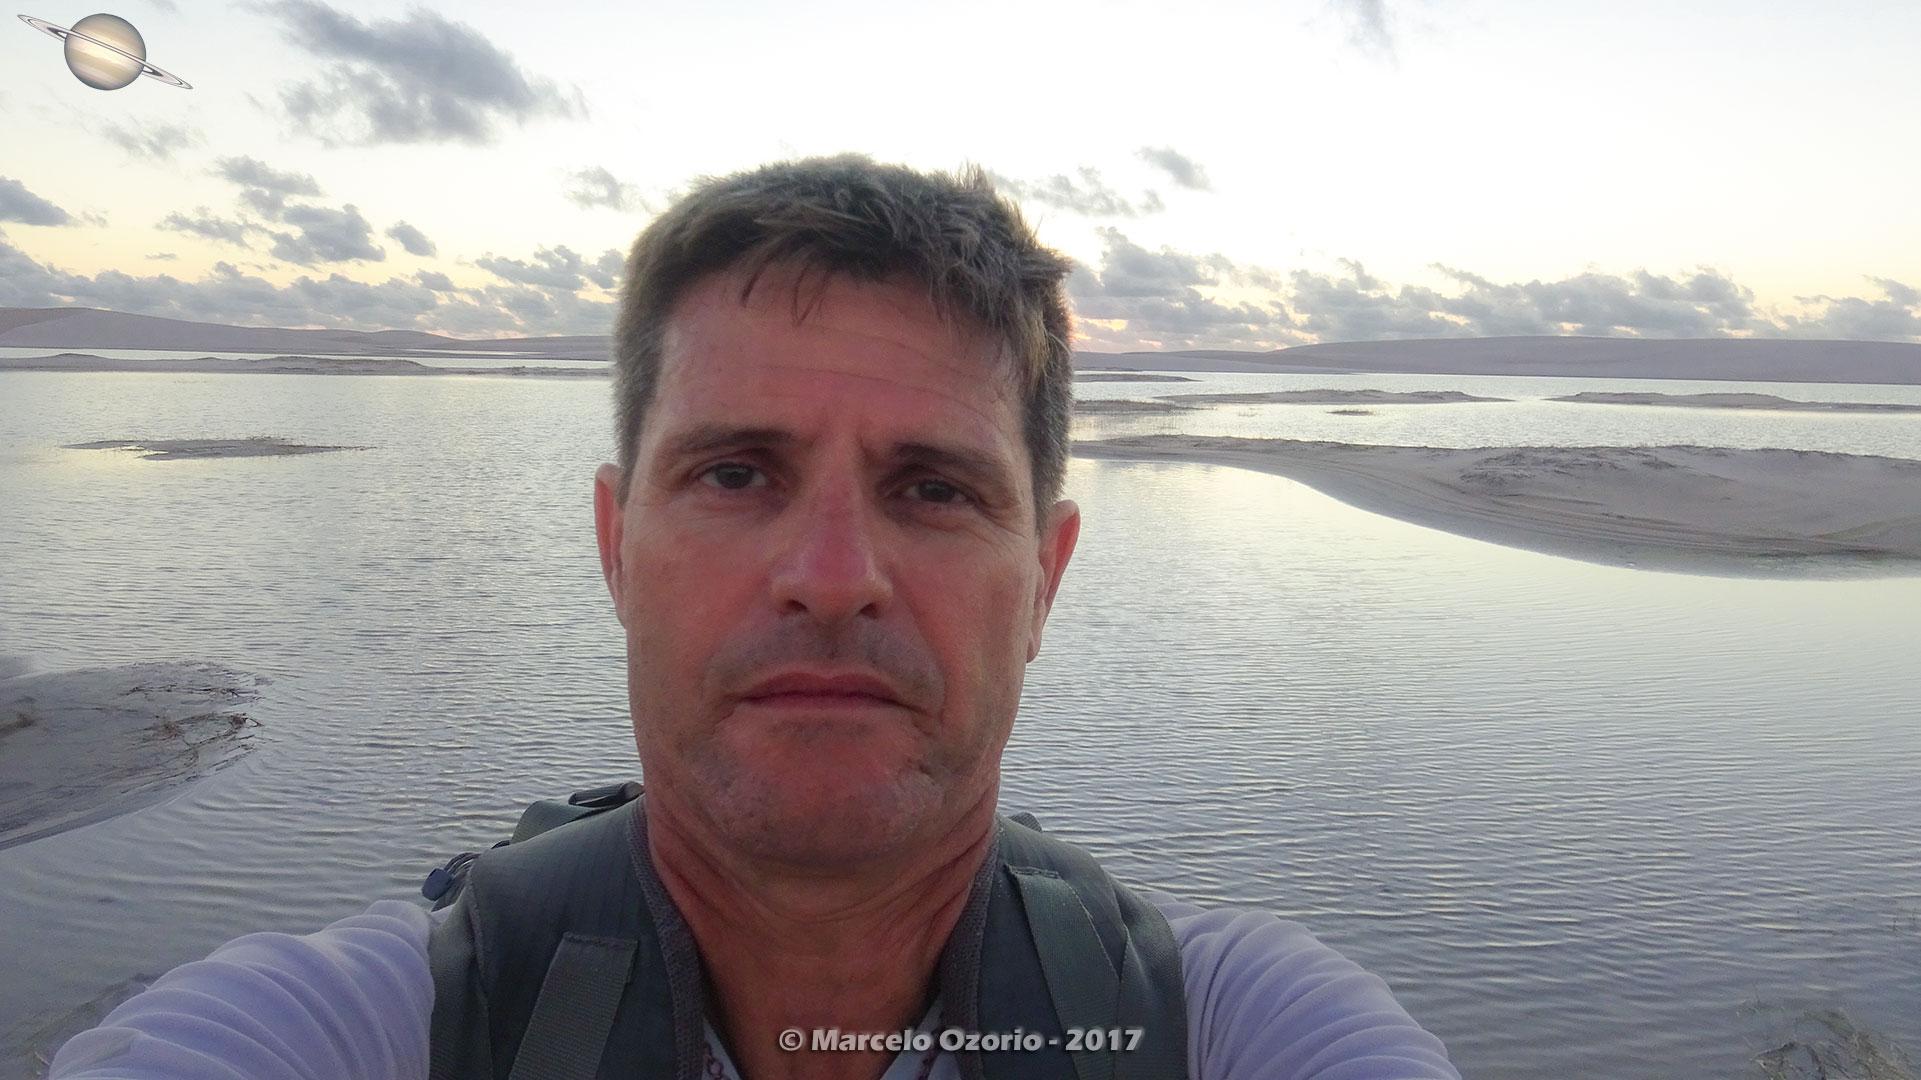 dia 4 5 queimada britos betania lencois maranhenses 51 - Queimada dos Britos à Betânia. Trekking nos Lençóis Maranhenses - Brasil